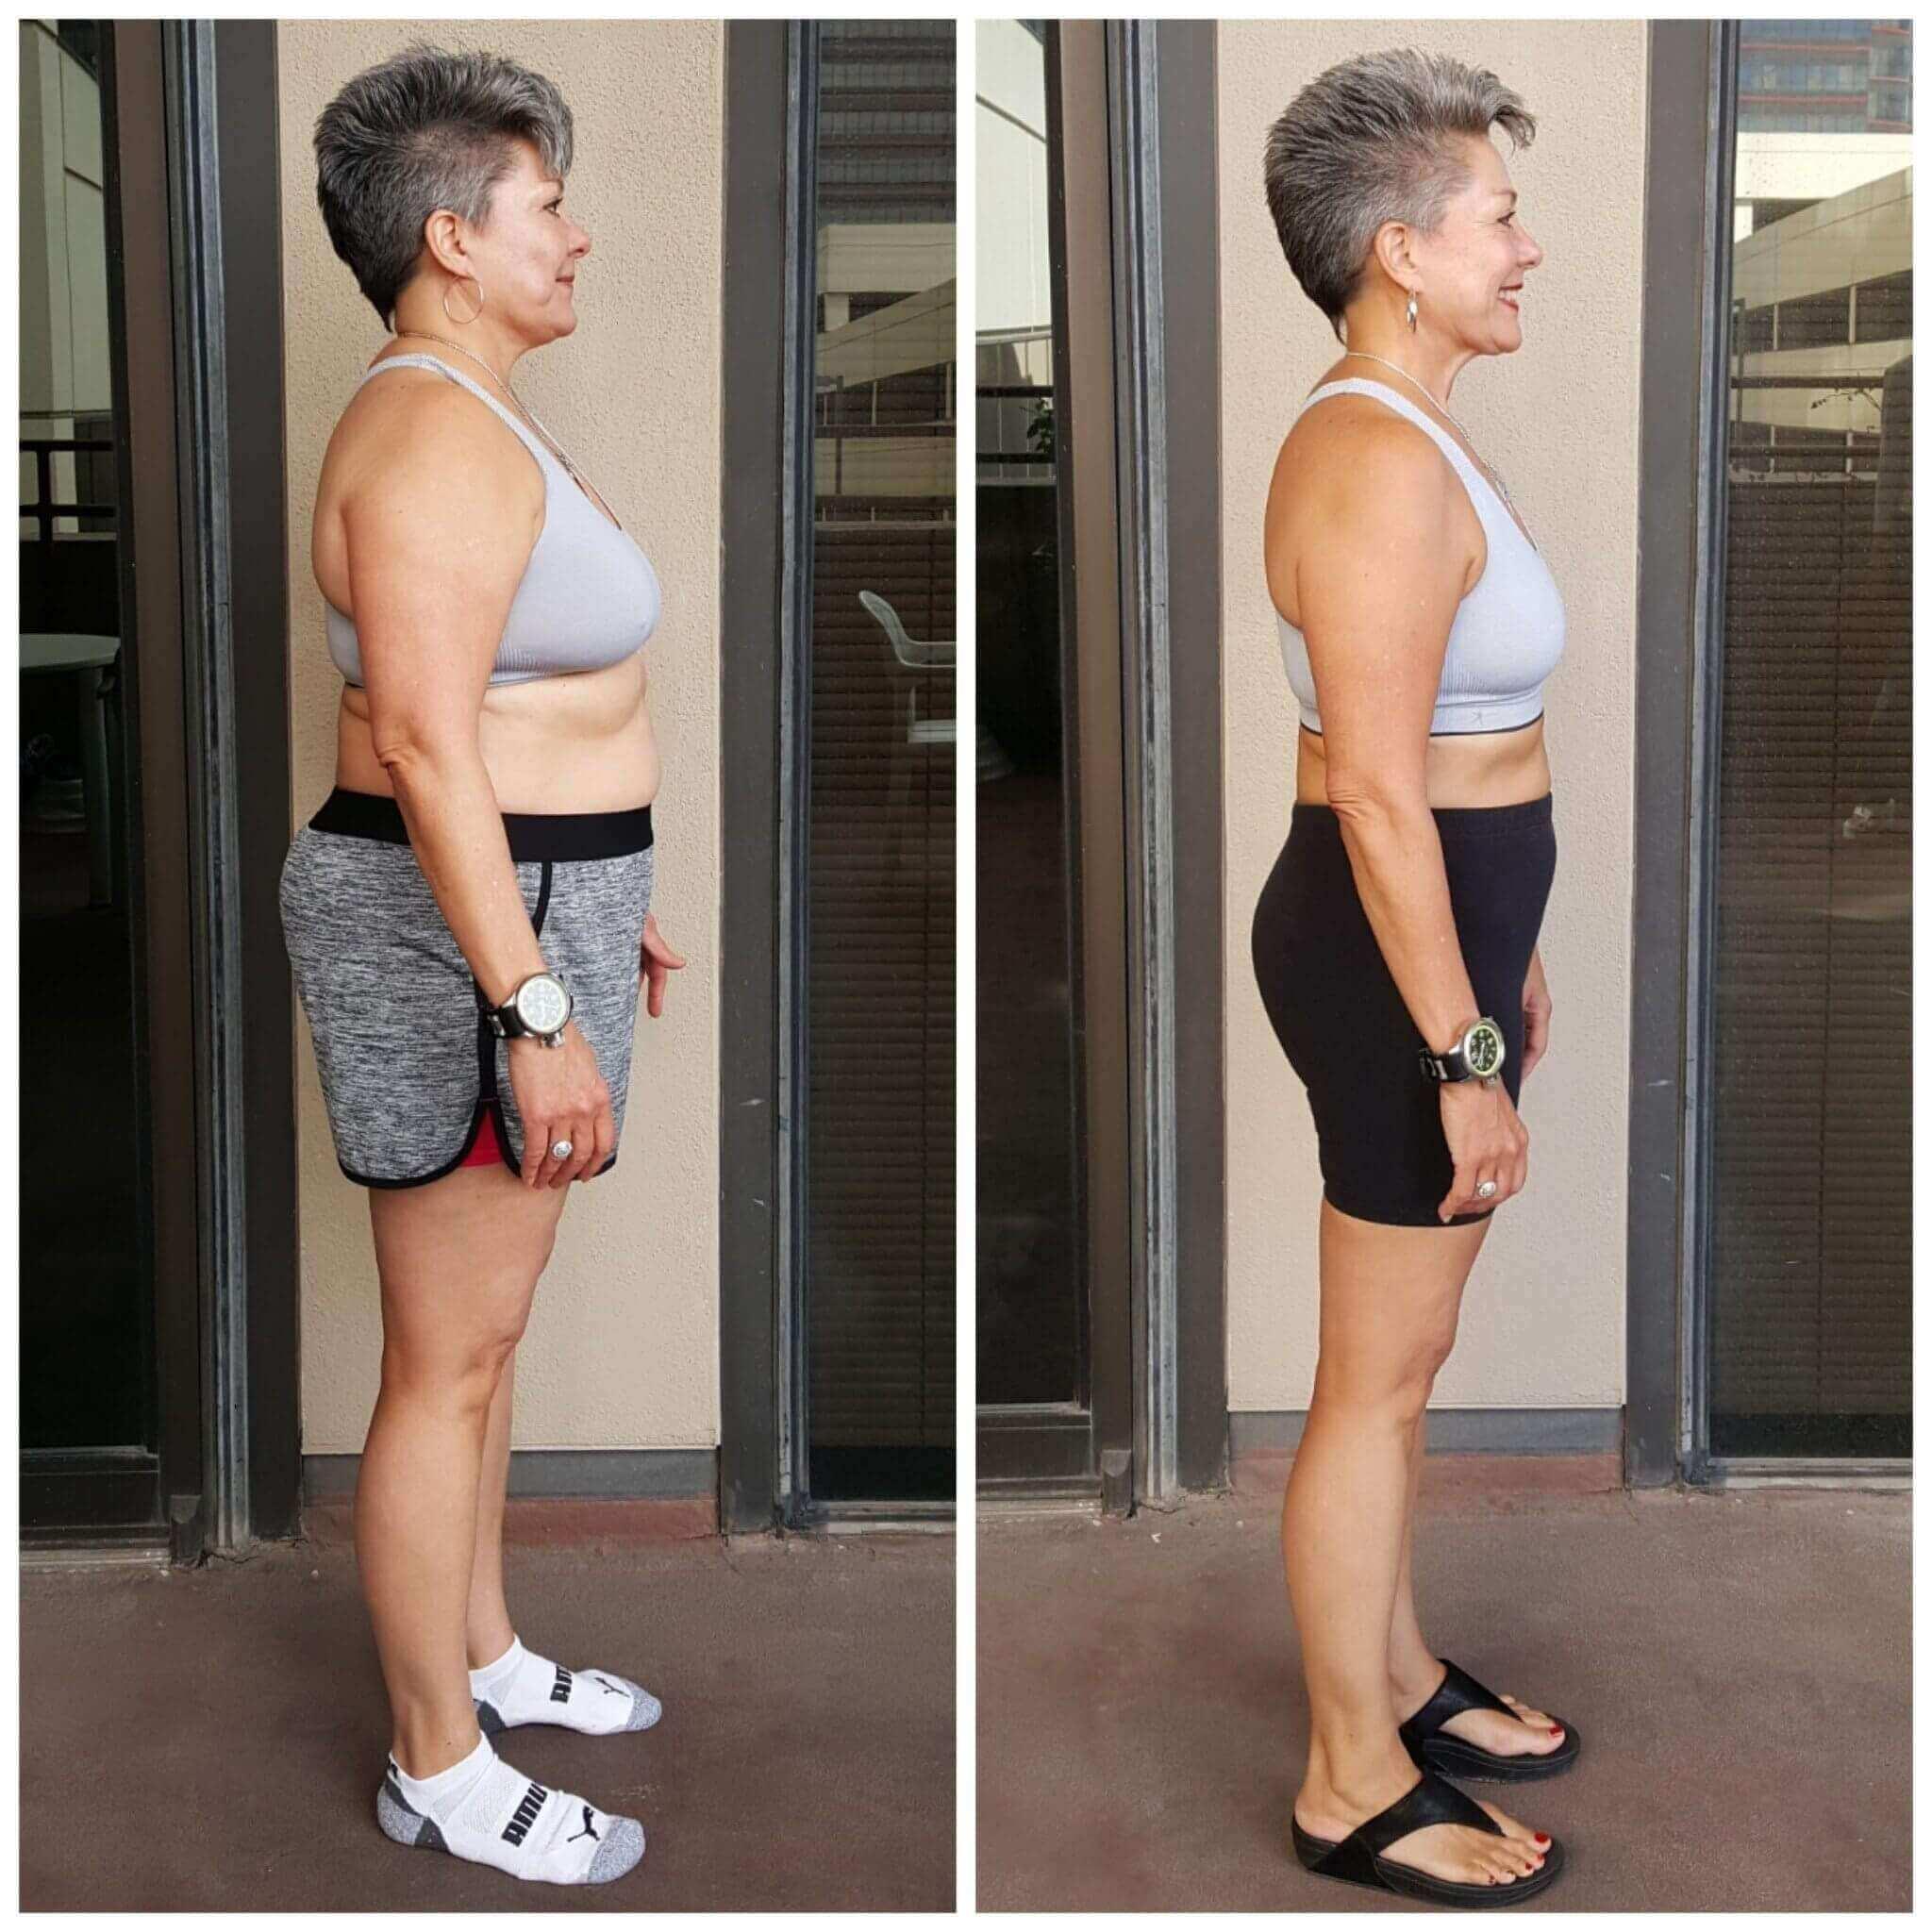 Tina weight loss personal training Dallas